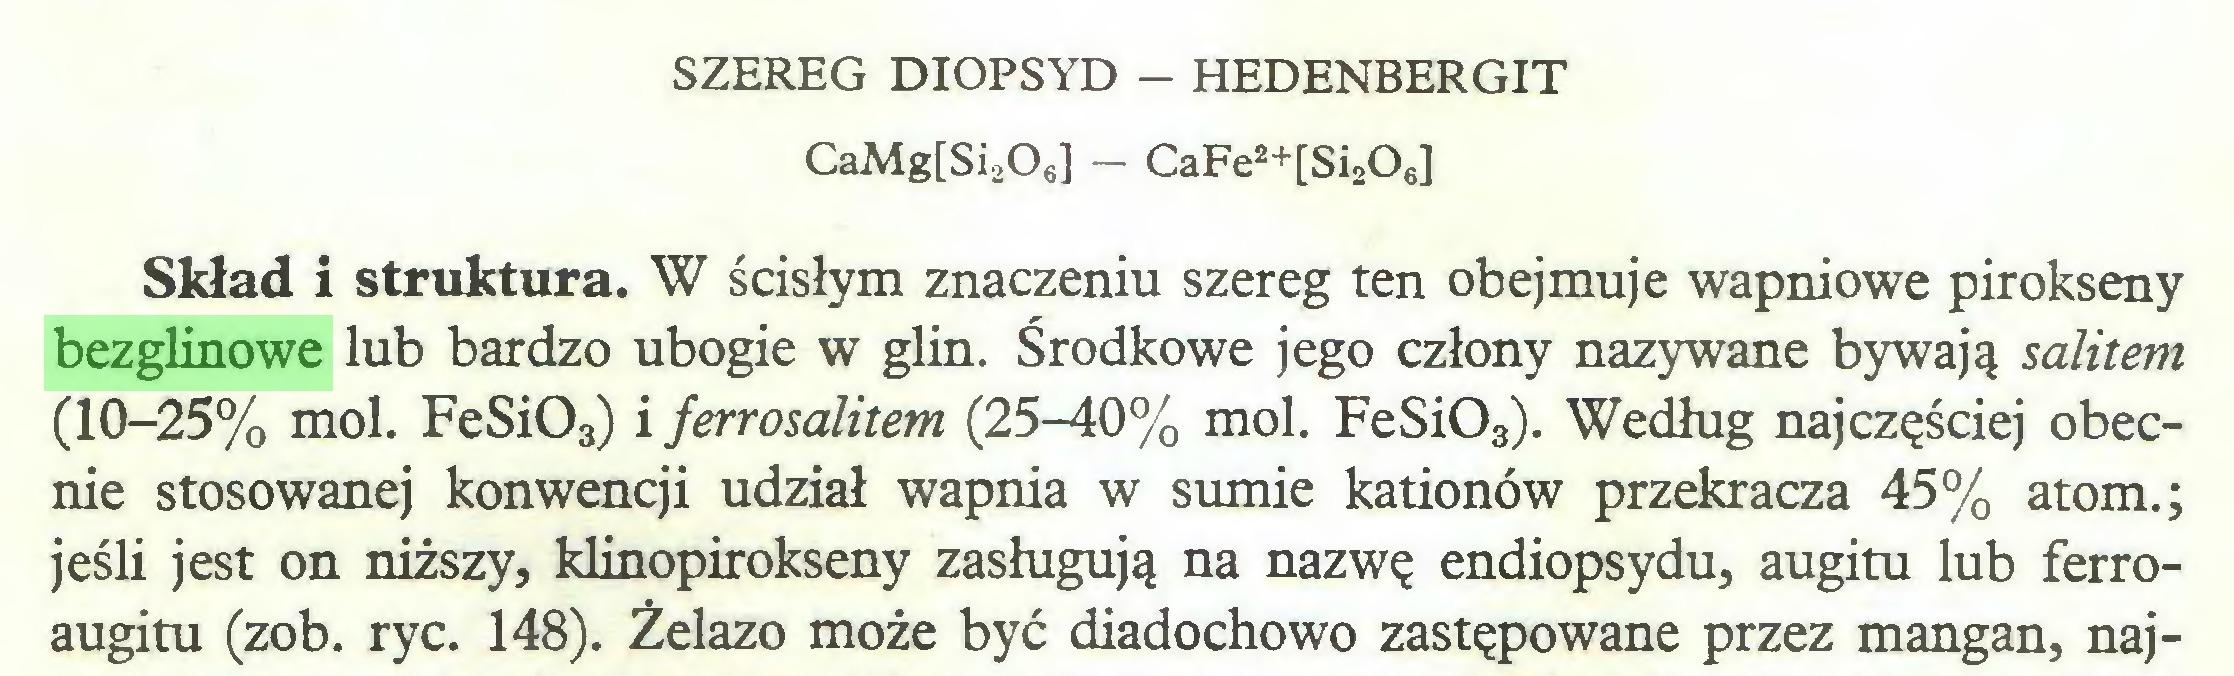 (...) SZEREG DIOPSYD - HEDENBERGIT CaMg[Si206] - CaFe2+[Si208] Skład i struktura. W ścisłym znaczeniu szereg ten obejmuje wapniowe pirokseny bezglinowe lub bardzo ubogie w glin. Środkowe jego człony nazywane bywają salitem (10-25% mol. FeSi03) i ferrosalitem (25-40% mol. FeSi03). Według najczęściej obecnie stosowanej konwencji udział wapnia w sumie kationów przekracza 45% atom.; jeśli jest on niższy, klinopirokseny zasługują na nazwę endiopsydu, augitu lub ferroaugitu (zob. ryc. 148). Żelazo może być diadochowo zastępowane przez mangan, naj...